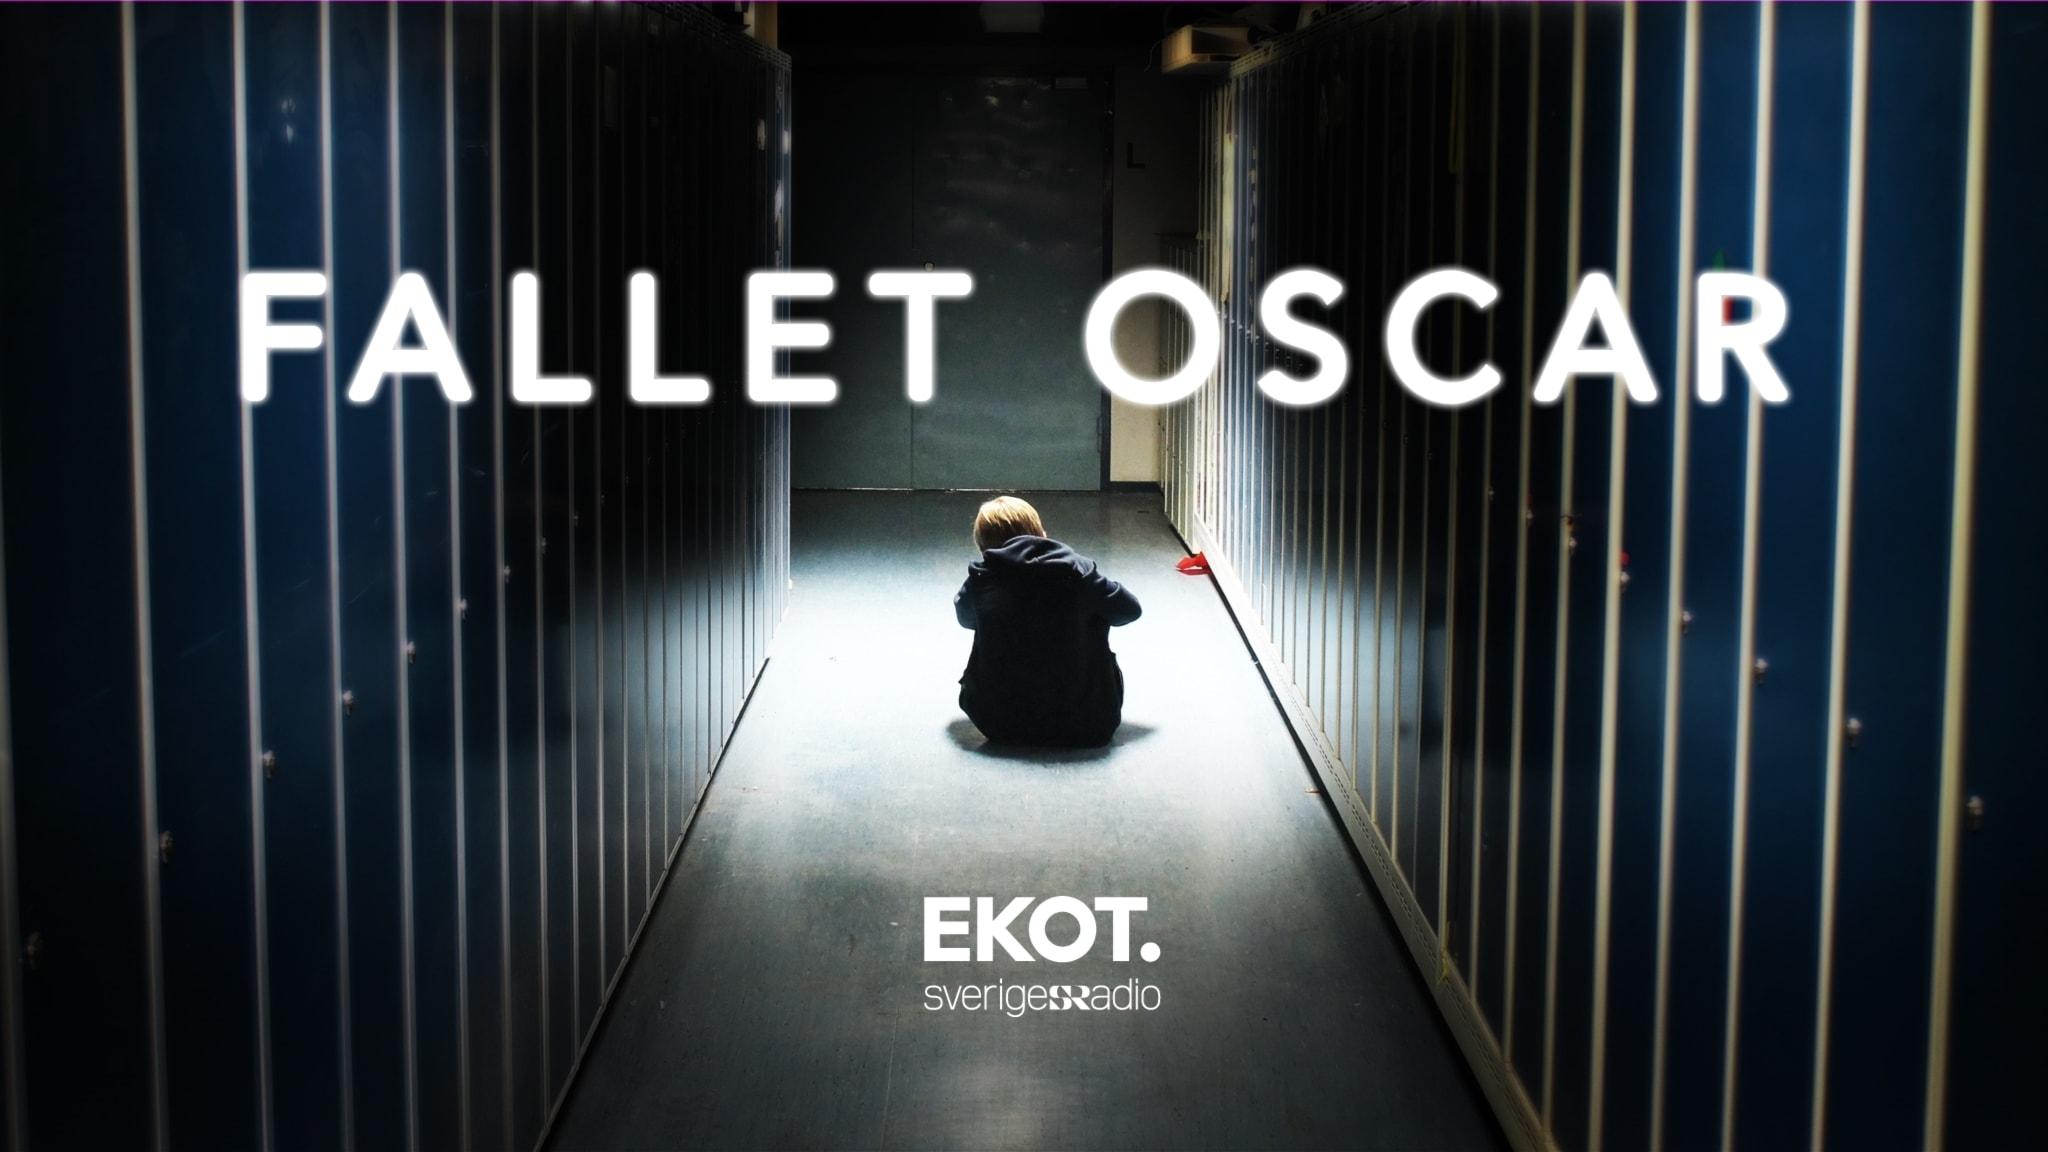 Fallet Oscar. Pojke sitter i ljuset mellan rader av plåtskåp.